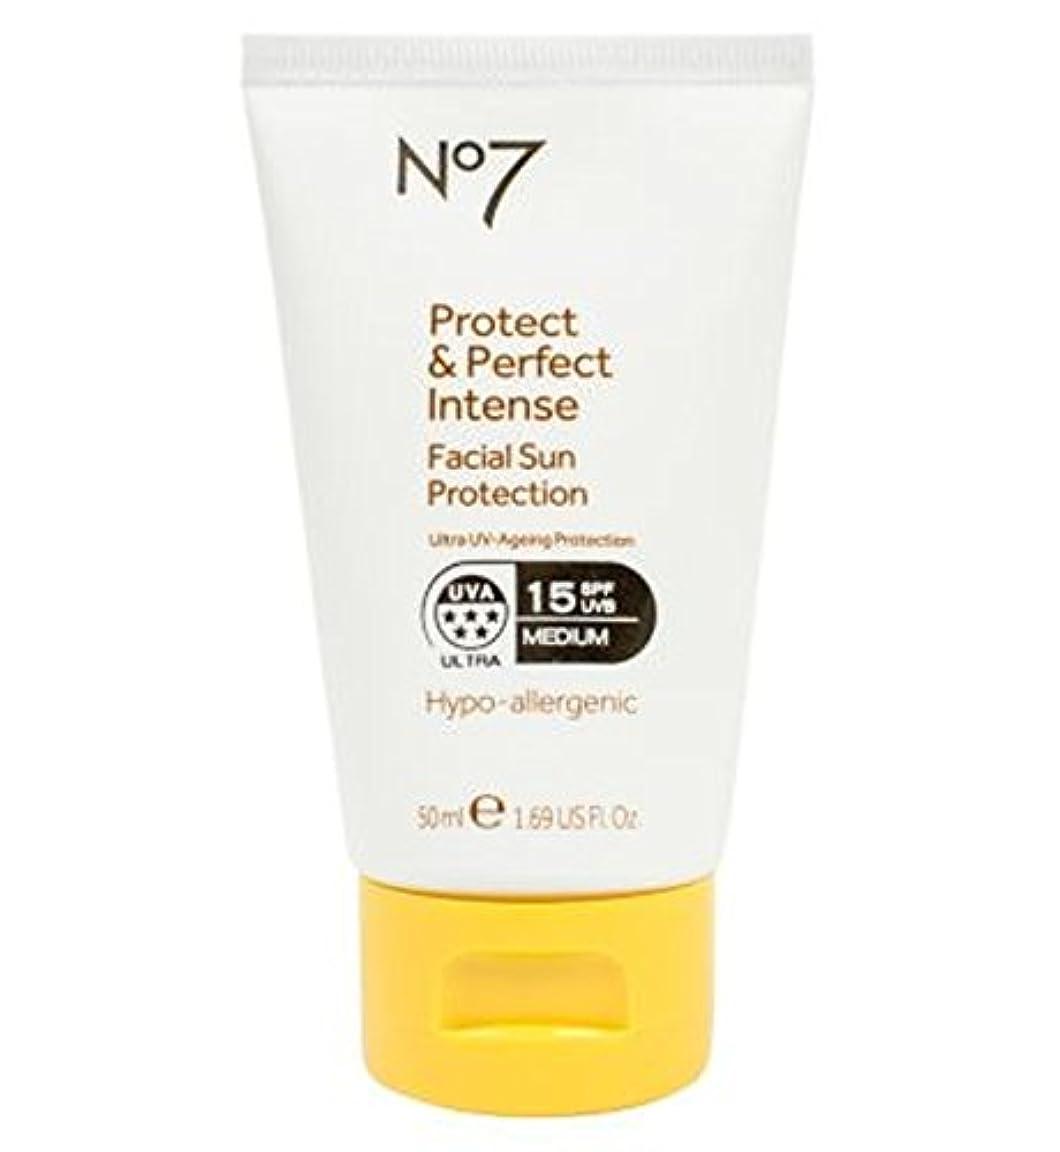 横たわる精算リクルートNo7 Protect & Perfect Intense Facial Sun Protection SPF 15 50ml - No7保護&完璧な強烈な顔の日焼け防止Spf 15 50ミリリットル (No7) [並行輸入品]